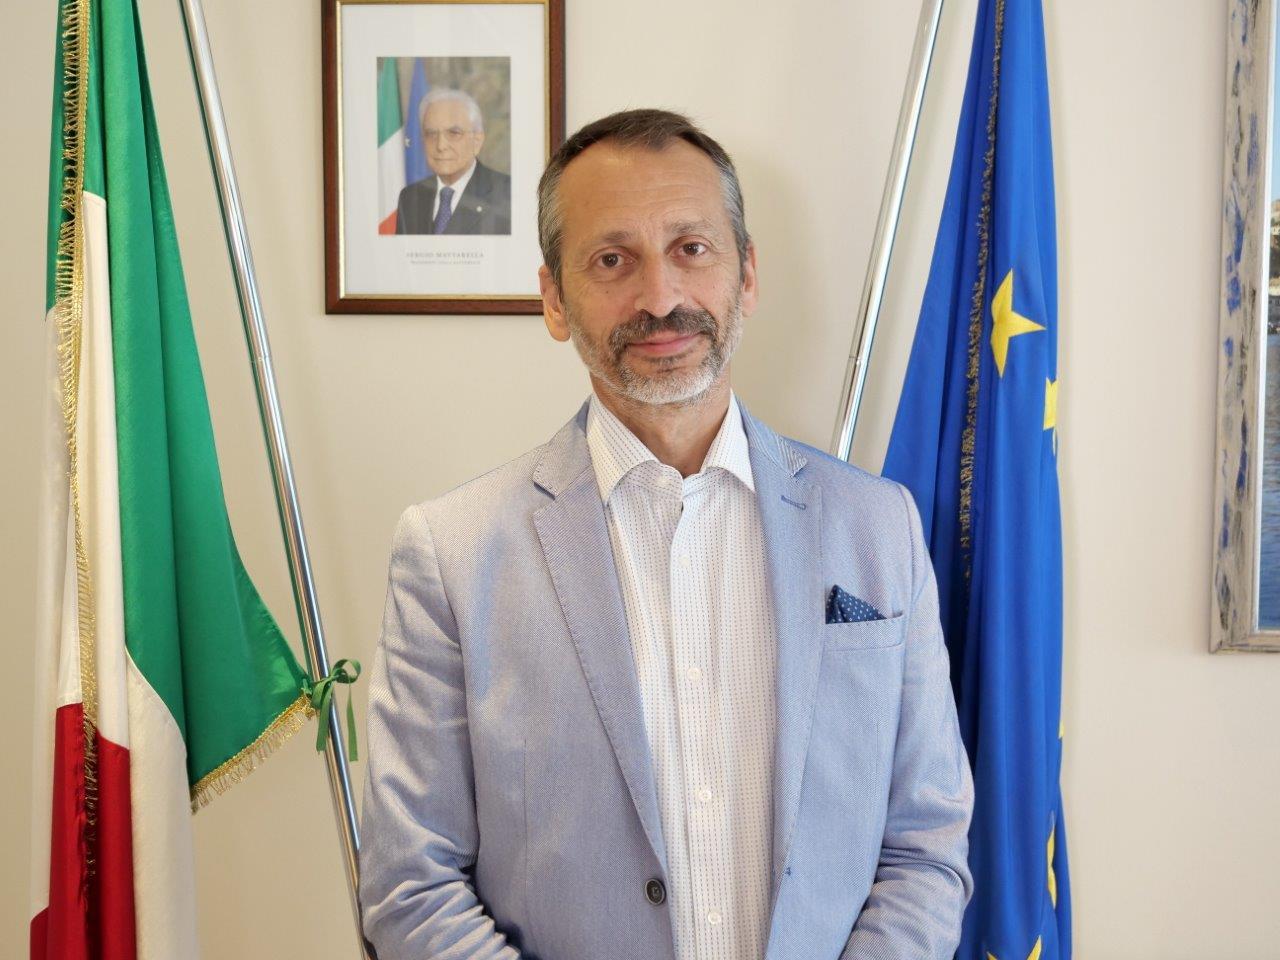 nuovo segretario generale matteo paroli